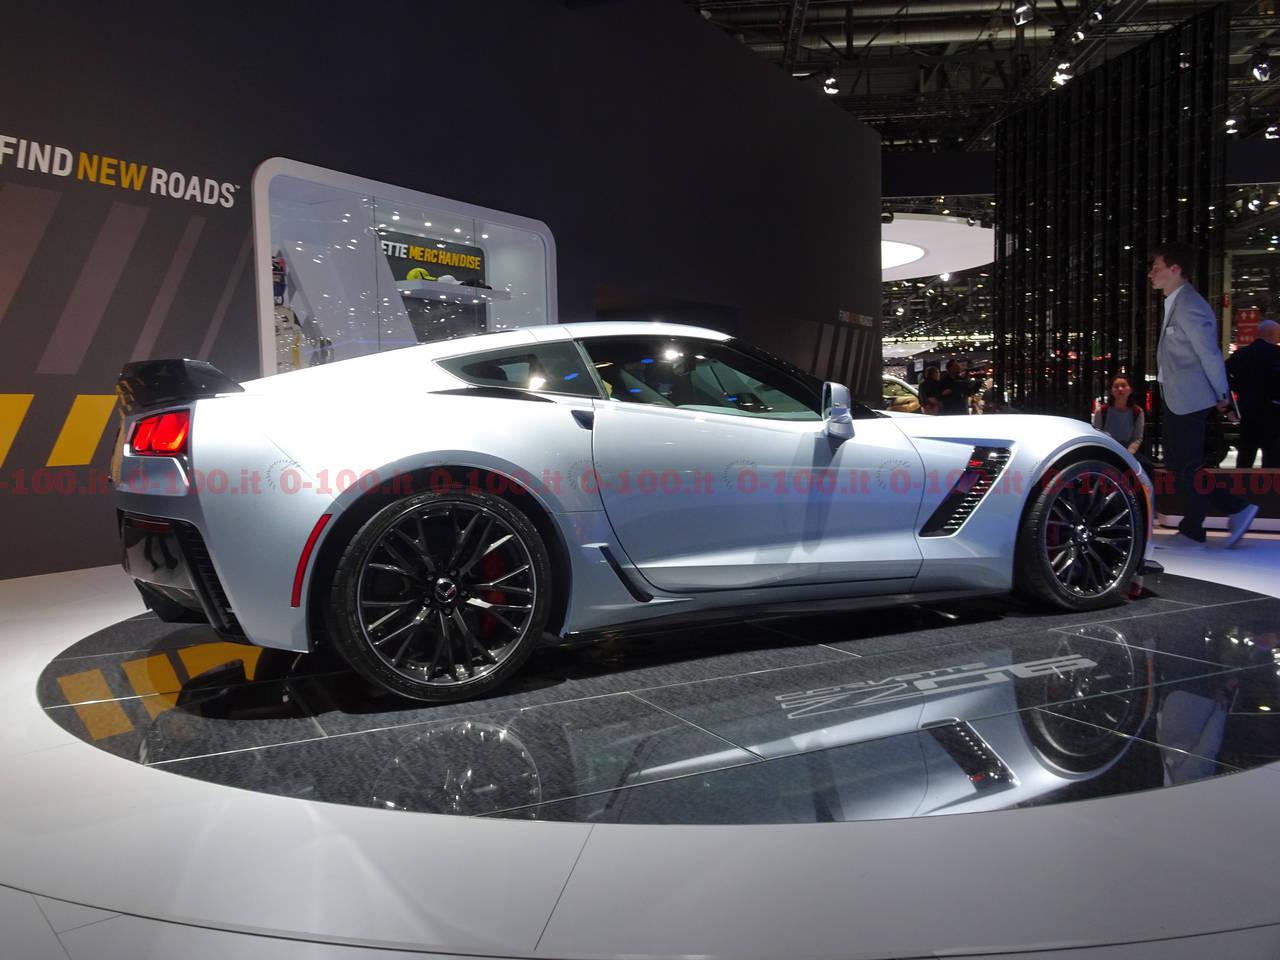 Ginevra-geneva-geneve-2017-Chevrolet-corvette-z06-0-100_5